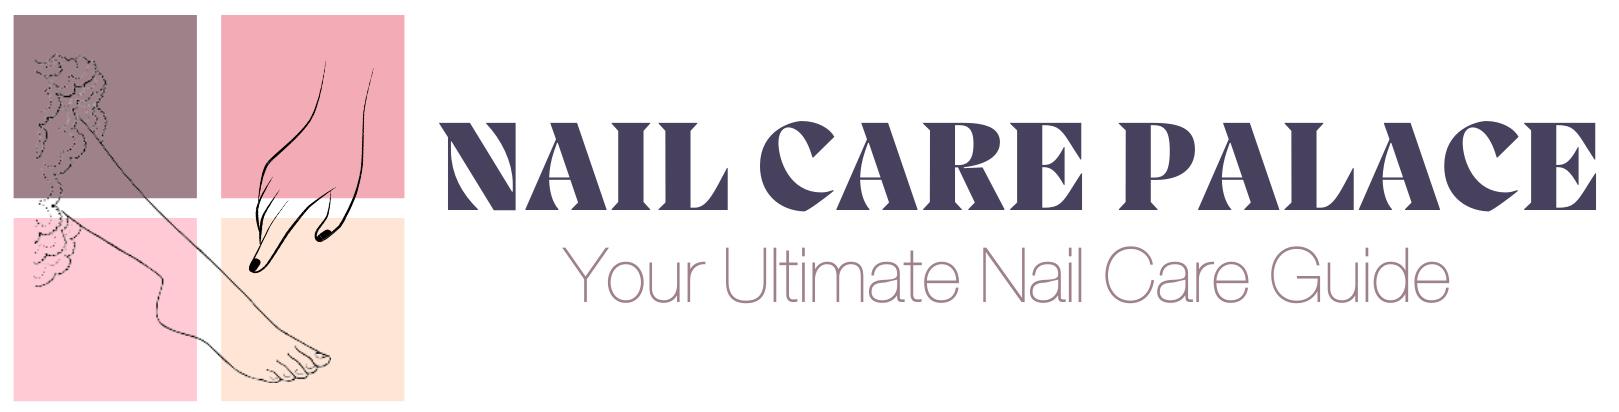 nail care palace logo